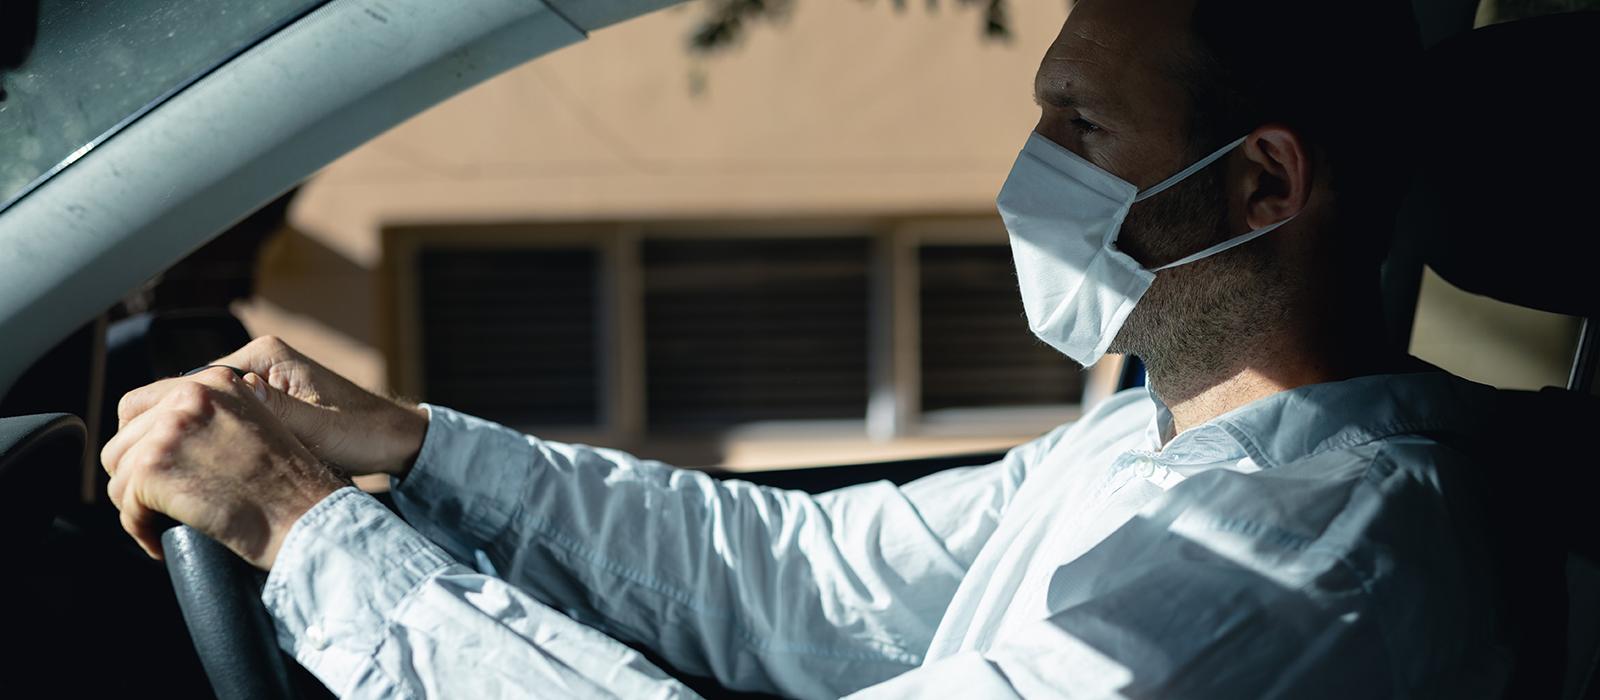 emilcar_uomo in auto indossa mascherina anti covid - alla guida